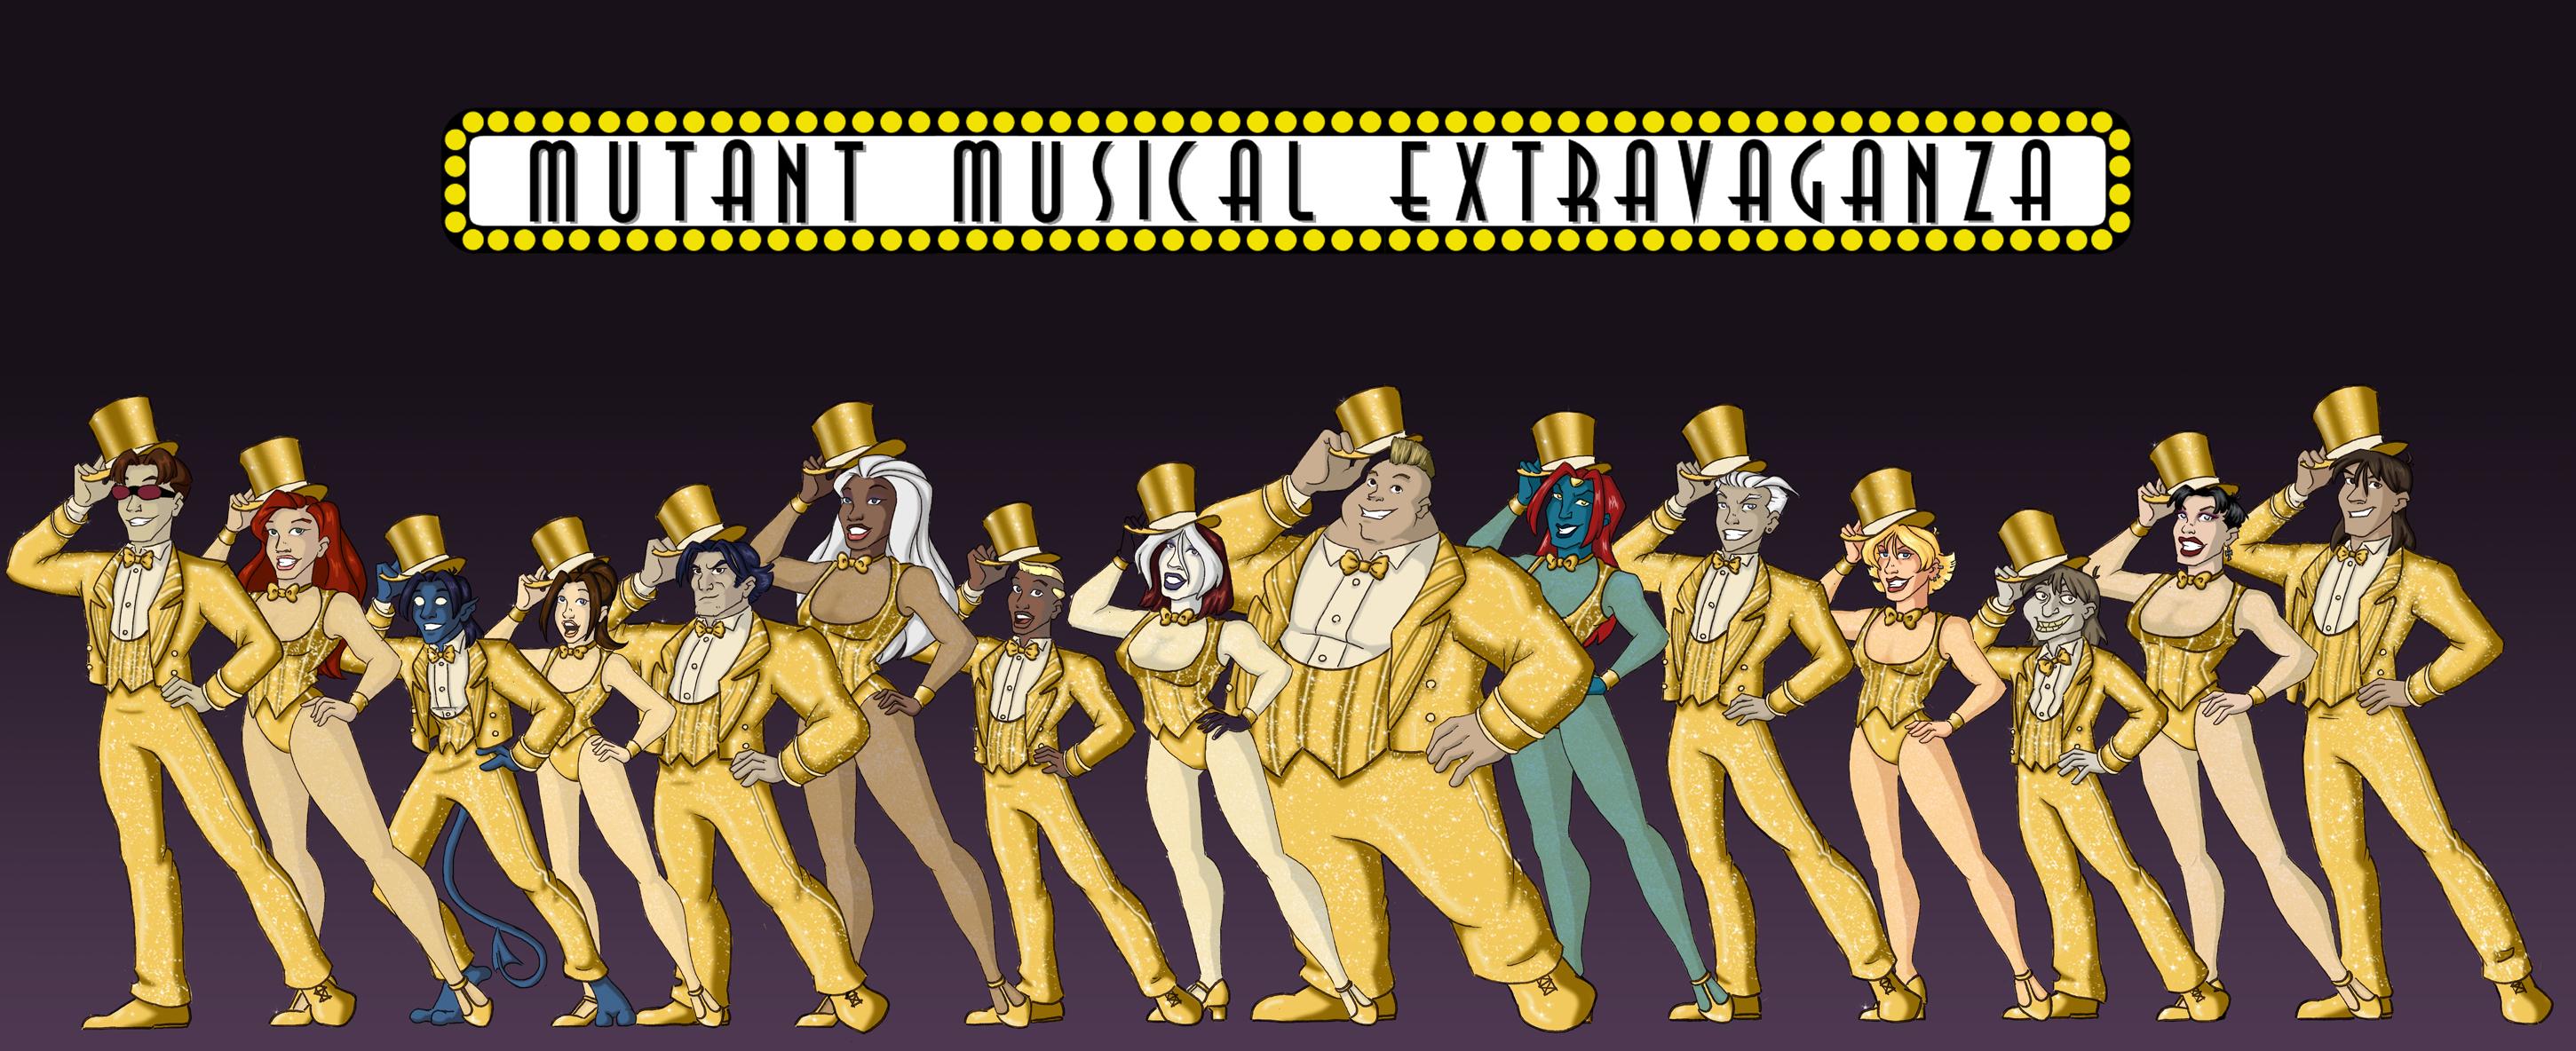 CONTEST: MUTANT MUSICAL